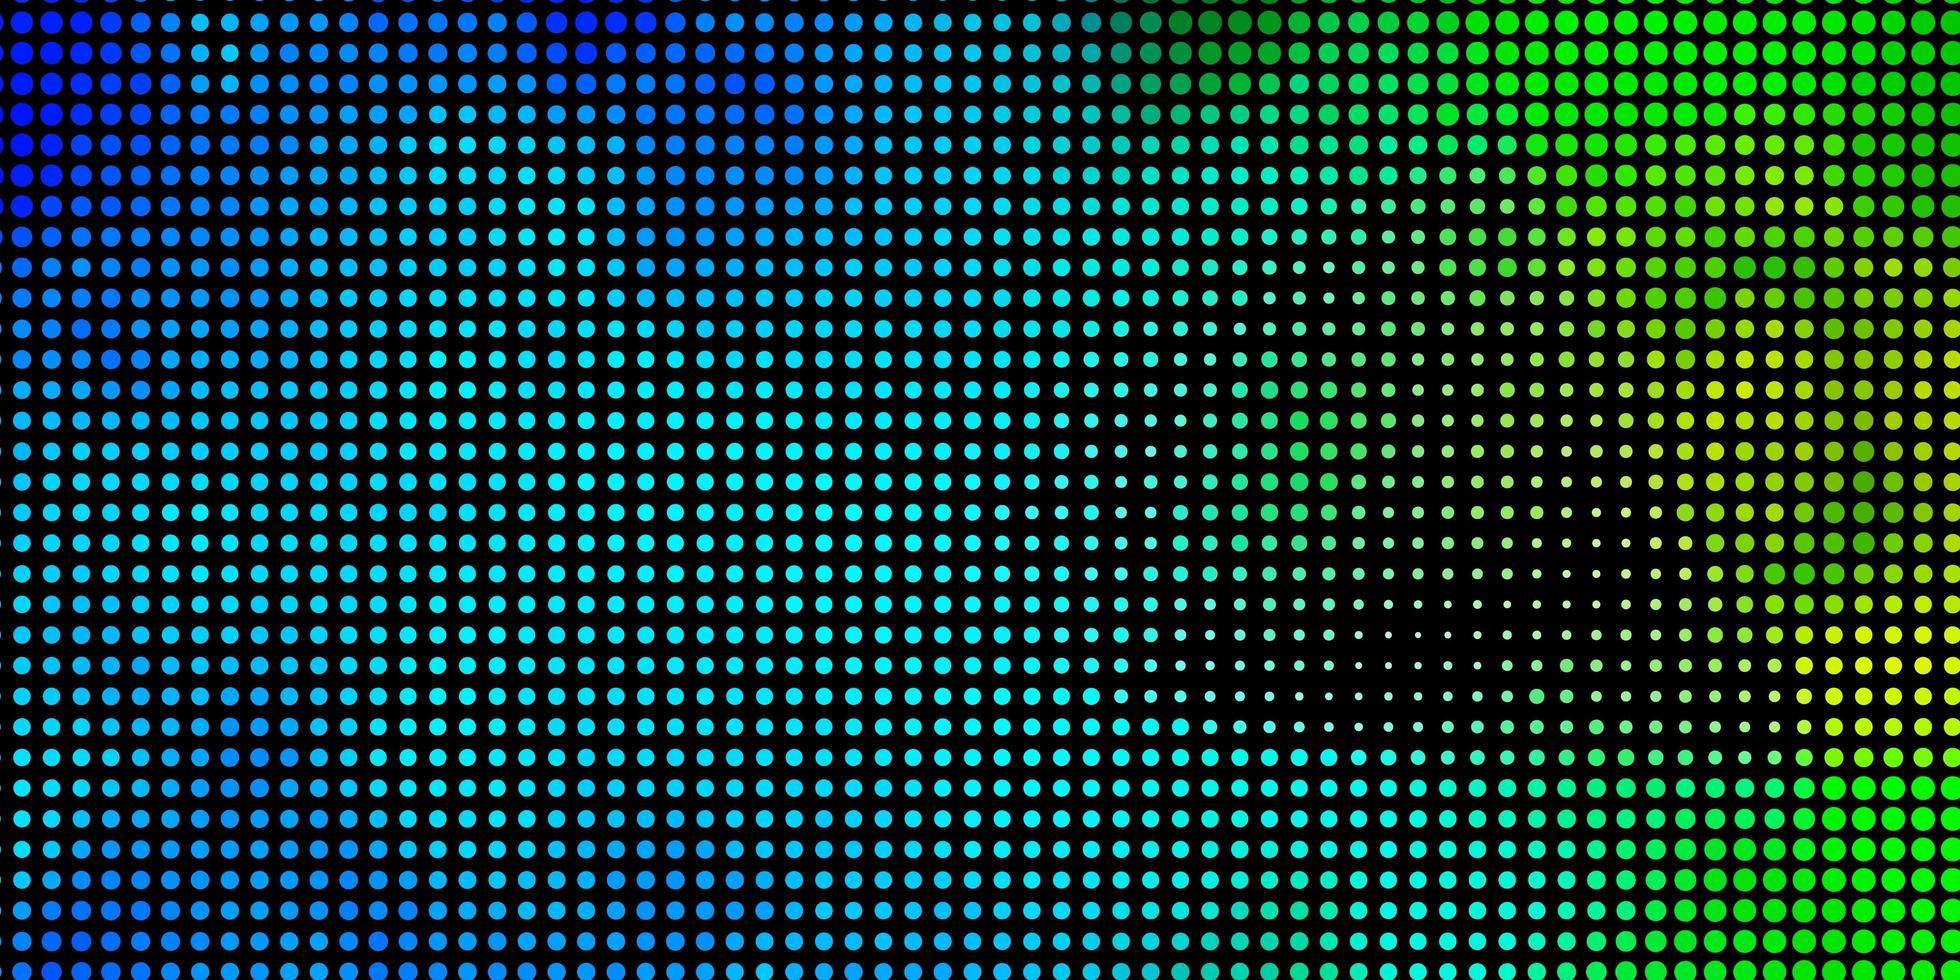 ljusblå, grön vektorstruktur med cirklar. vektor